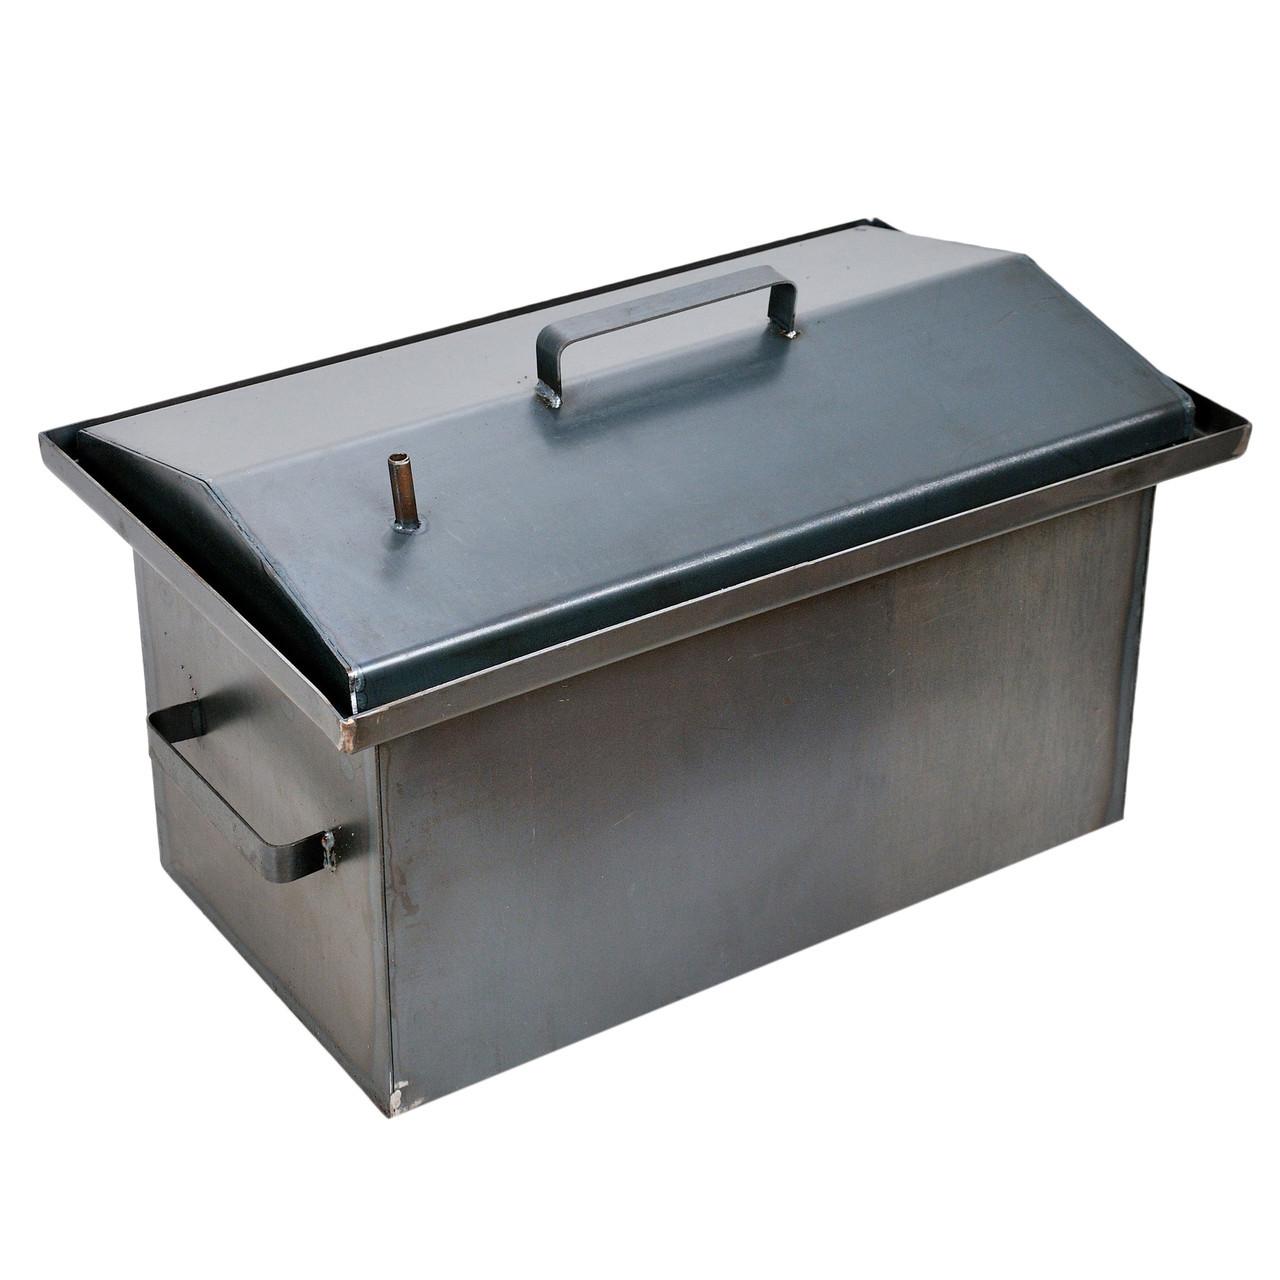 Коптильня горячего копчения Гидрозатвор (РК-242548) (2мм, 520х310х280 мм)